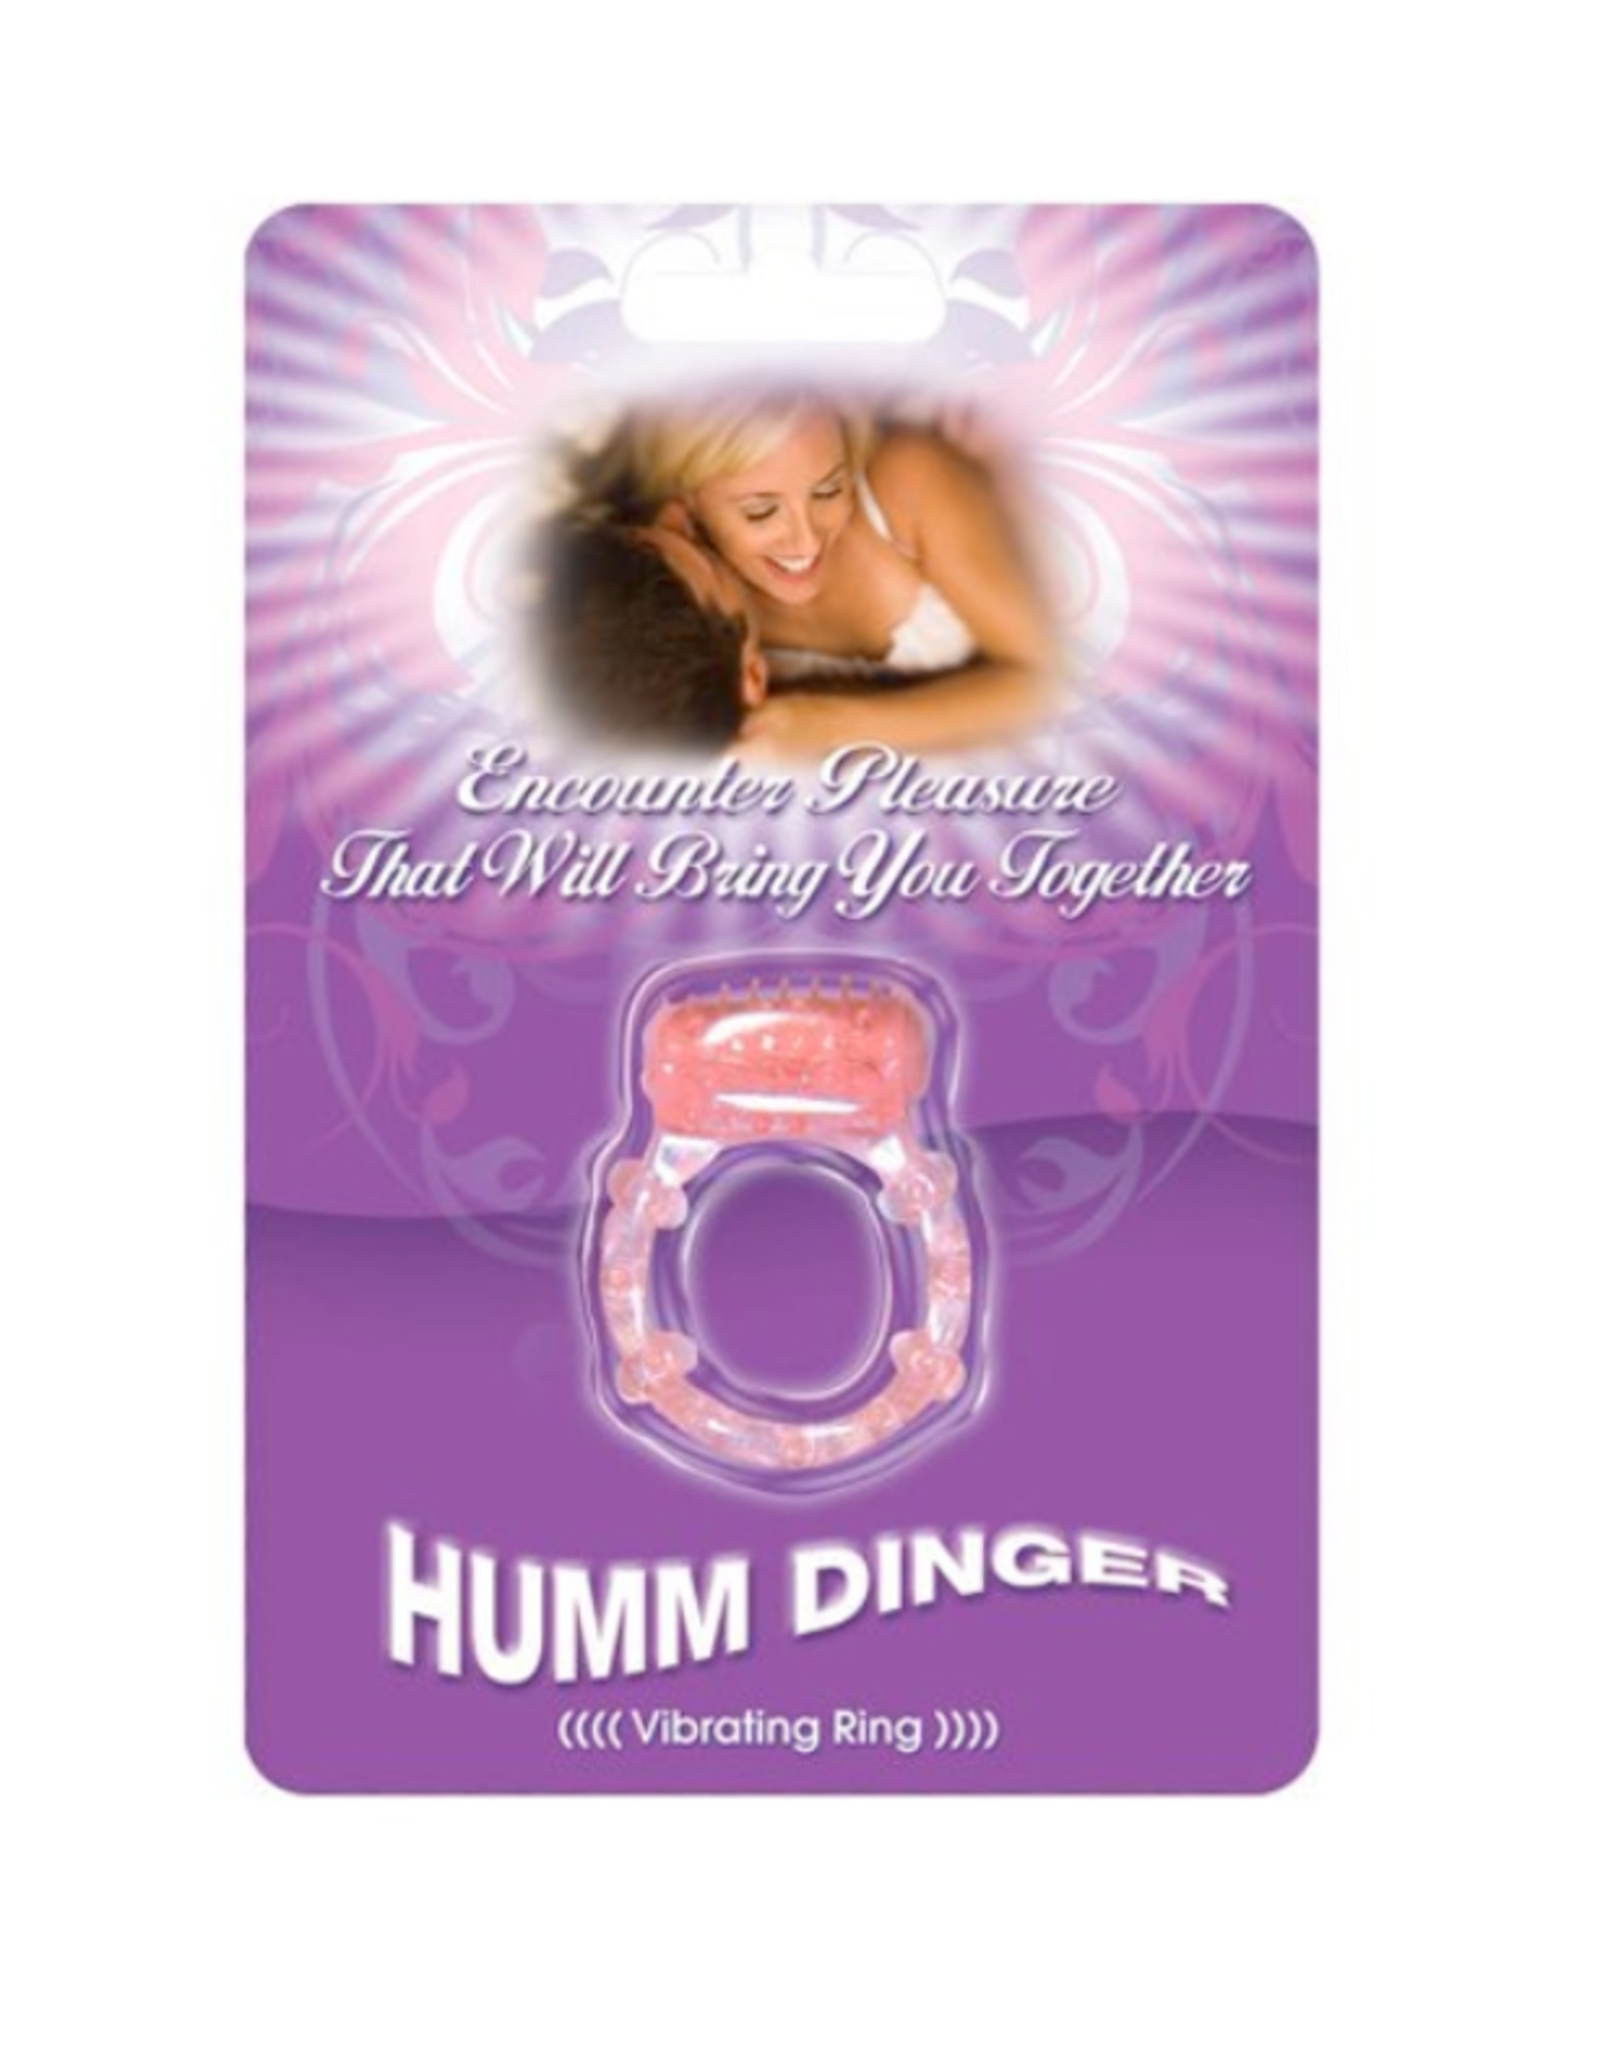 Humm Dinger Humm Dinger Dual Vibrating Cock Ring (magenta)